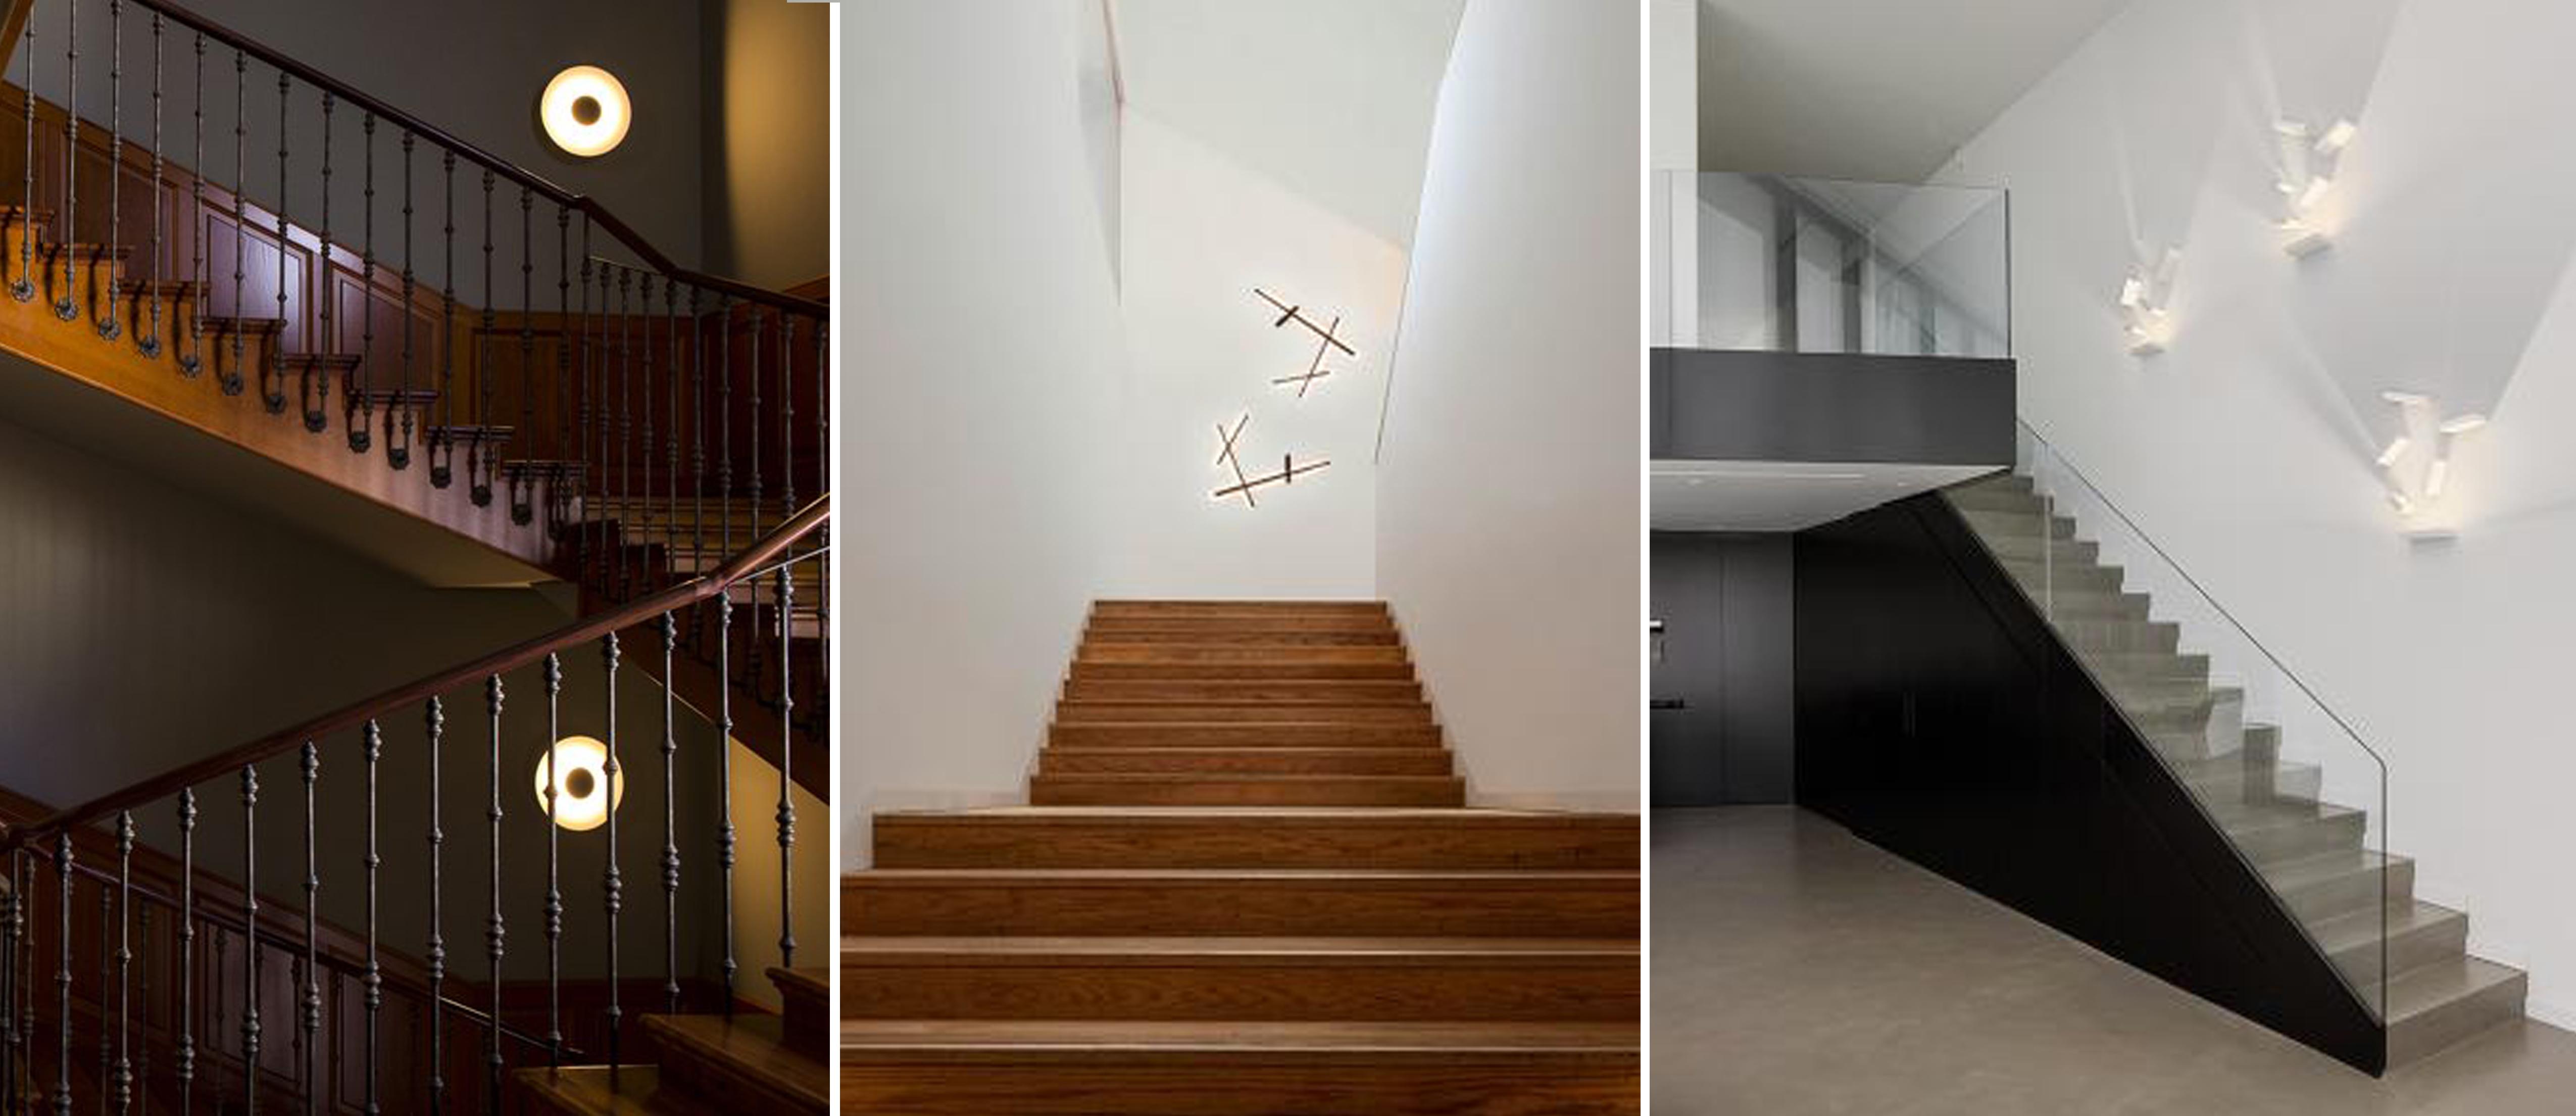 Dise o de iluminaci n interior - Iluminacion de techo ...